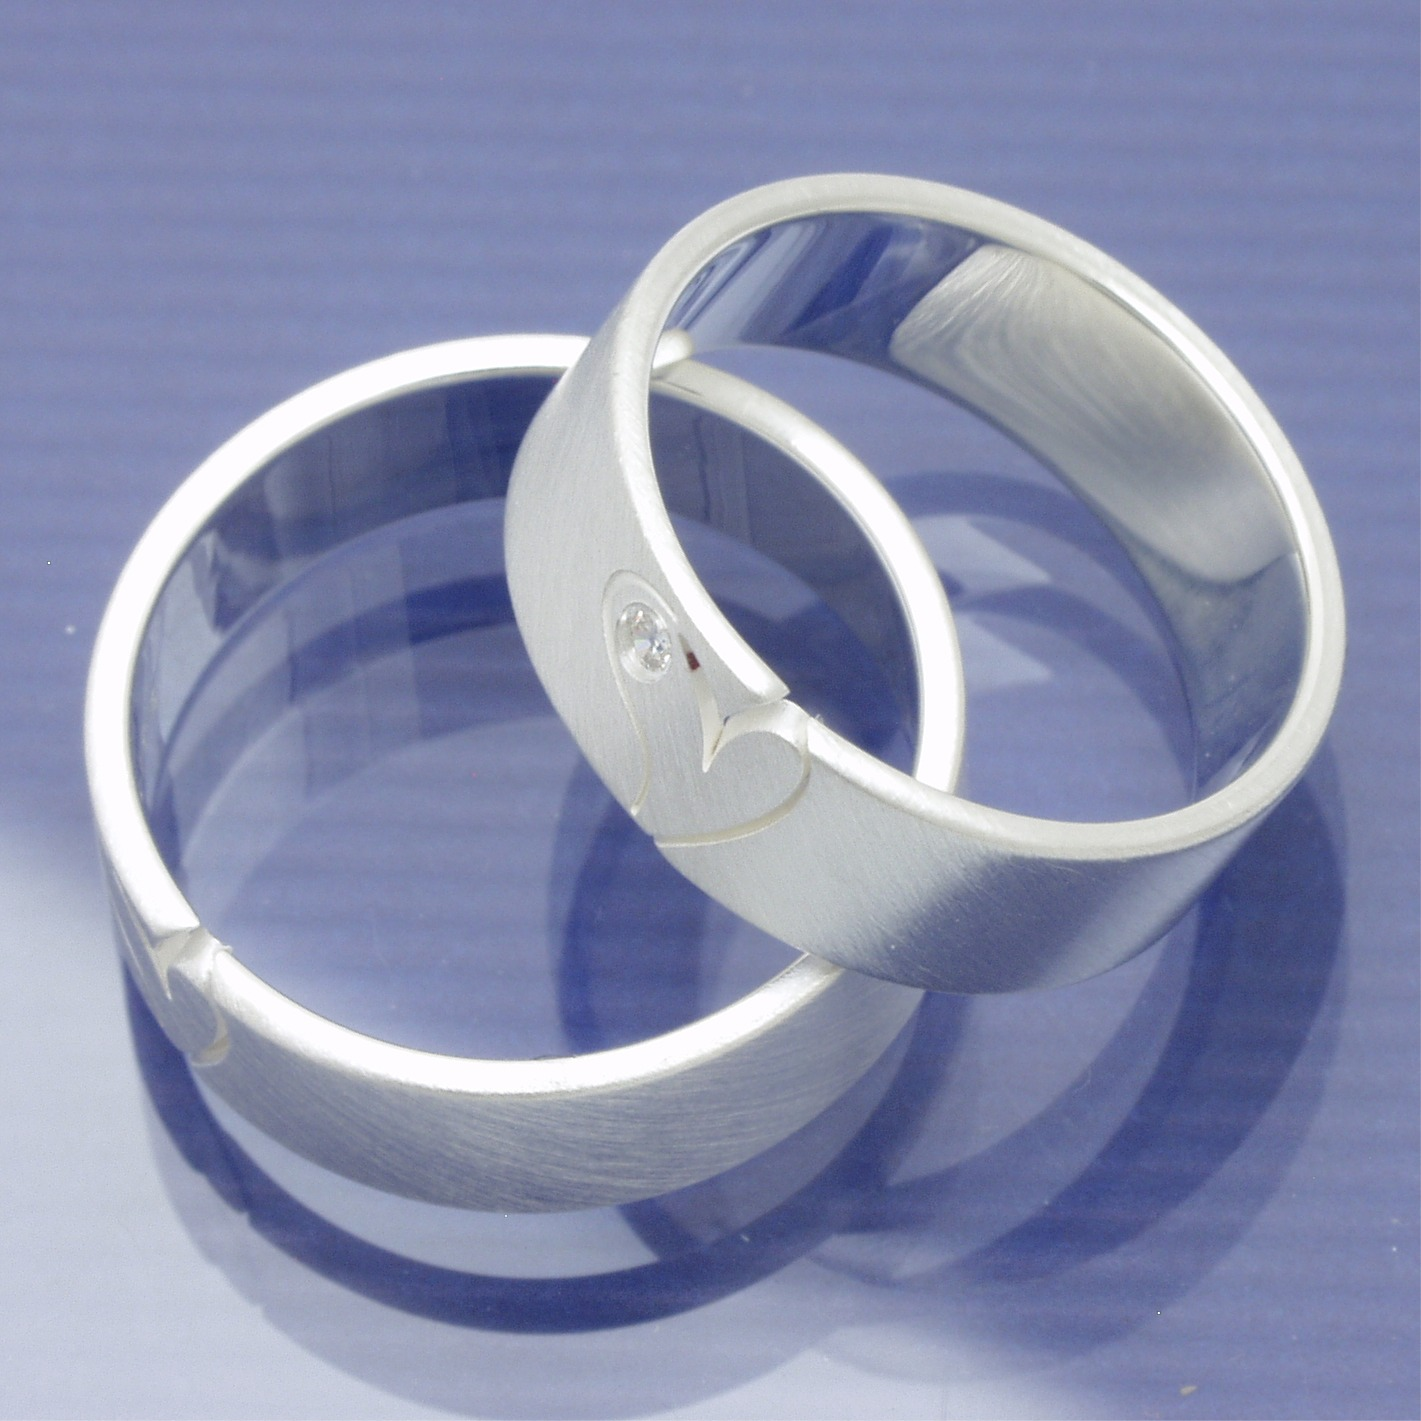 Partnerringe silber herz  Eheringe-Shop - Silber Freundschaftsringe mit offenem Herz